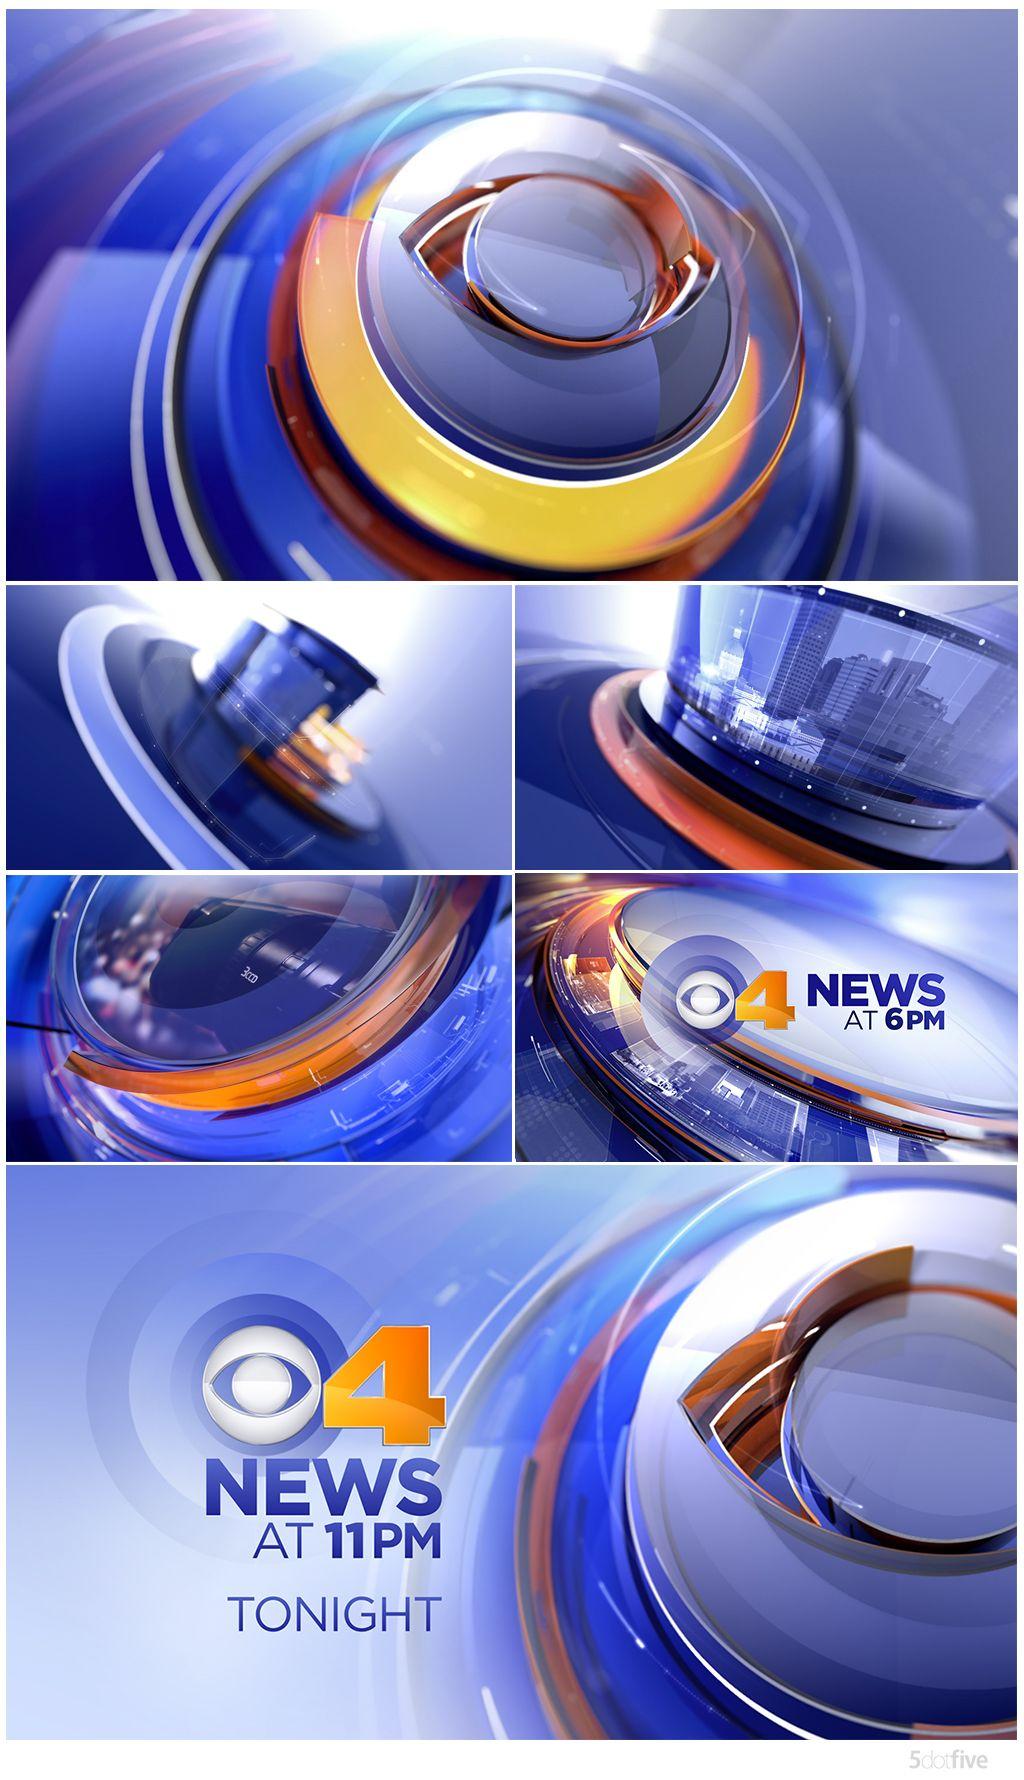 CBS4 Rebrand Motion Design Reel Motion design, Motion